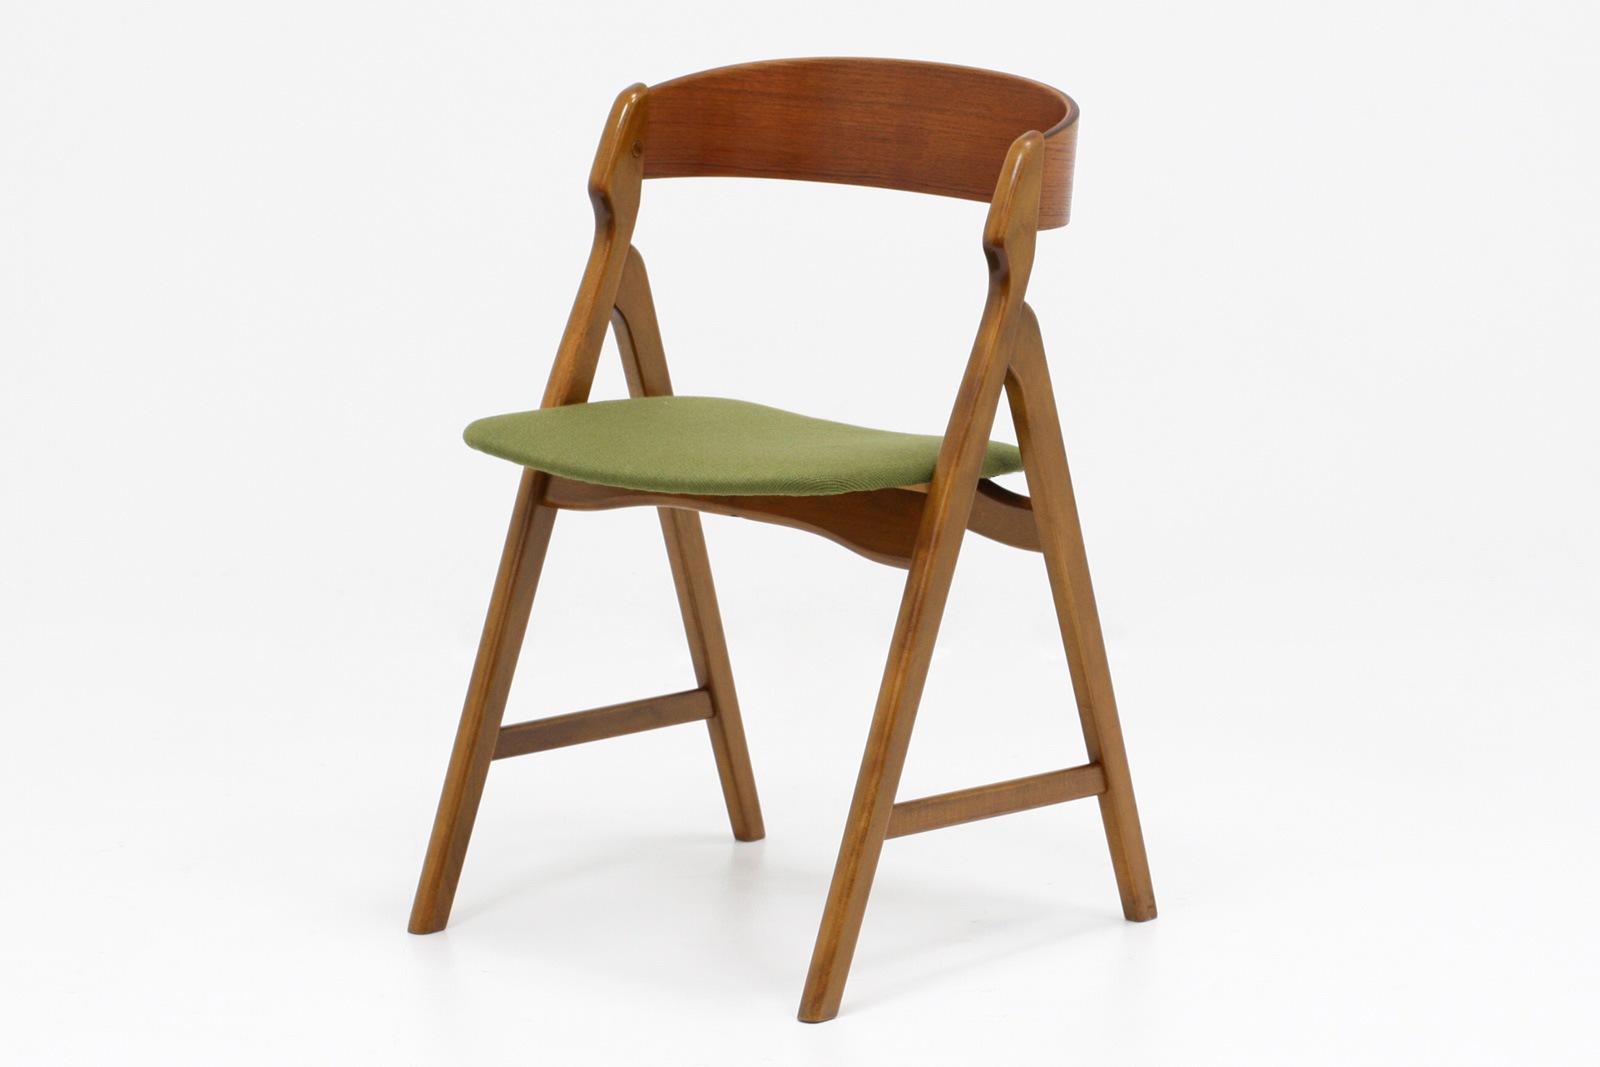 ヴィンテージ,北欧,椅子,Henning Kjarnulf,ヘニング・ケアヌルフ